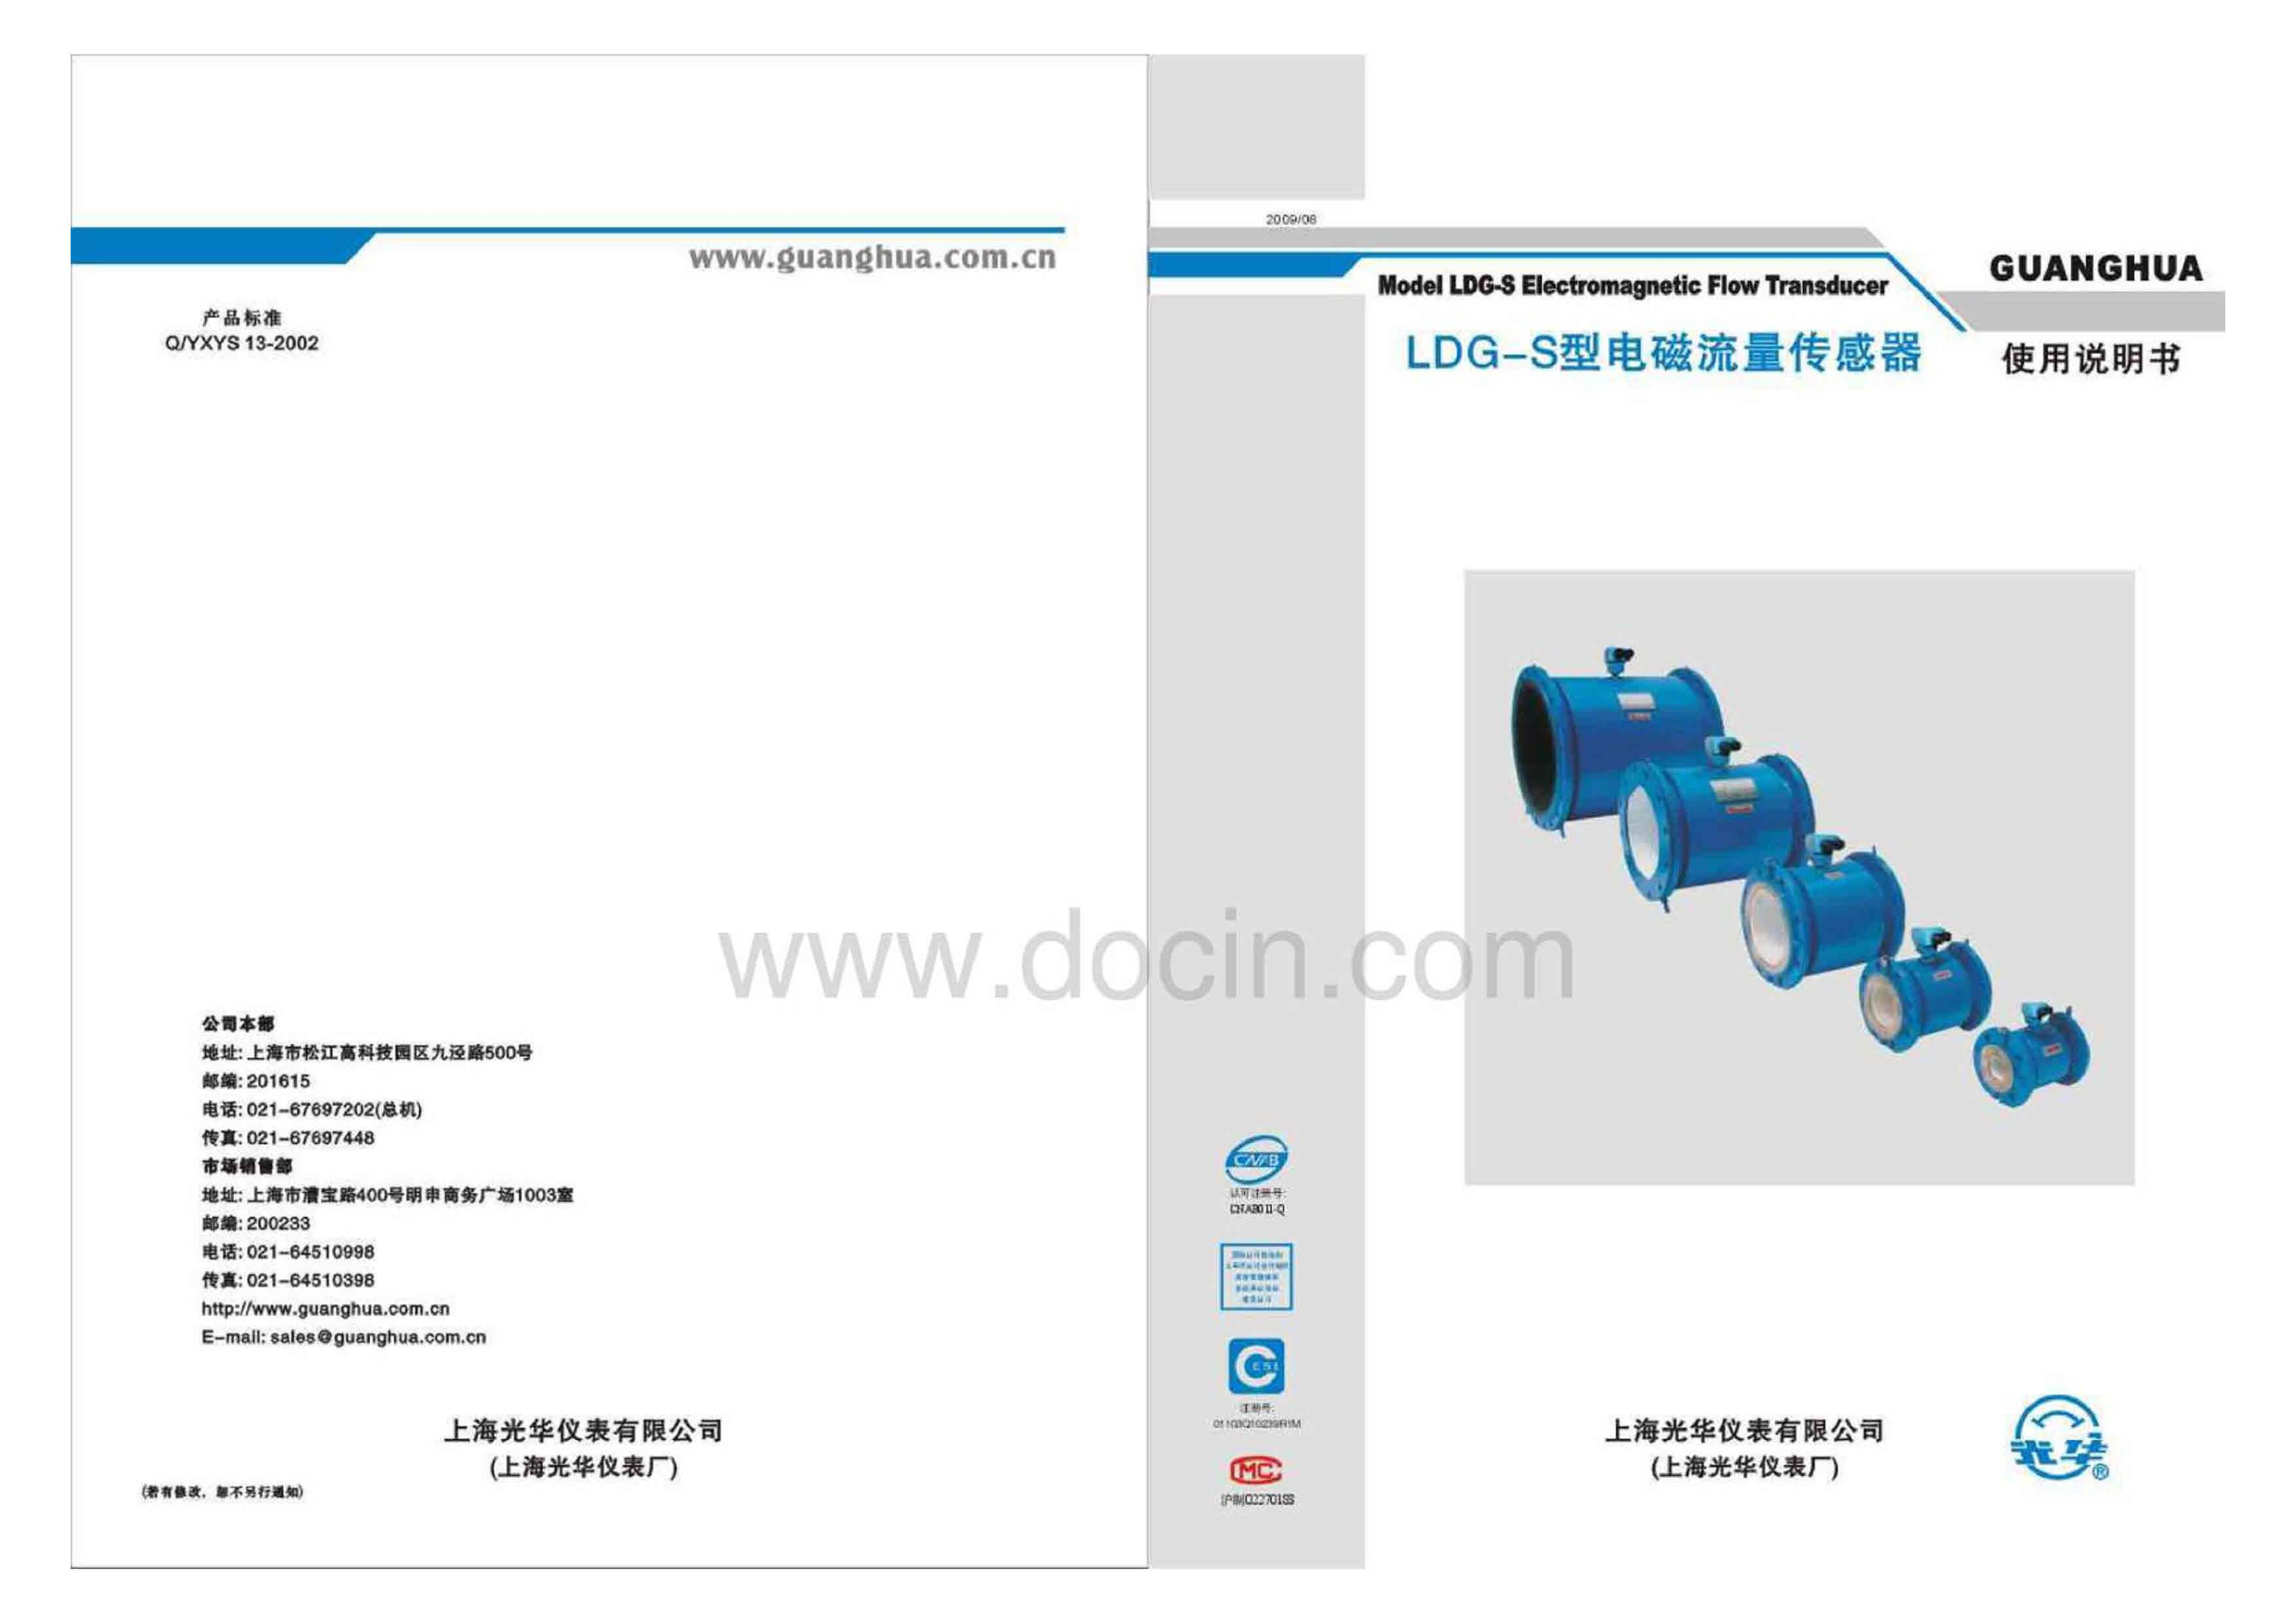 上海光华仪表有限公司LDG电磁流量传感器说明书